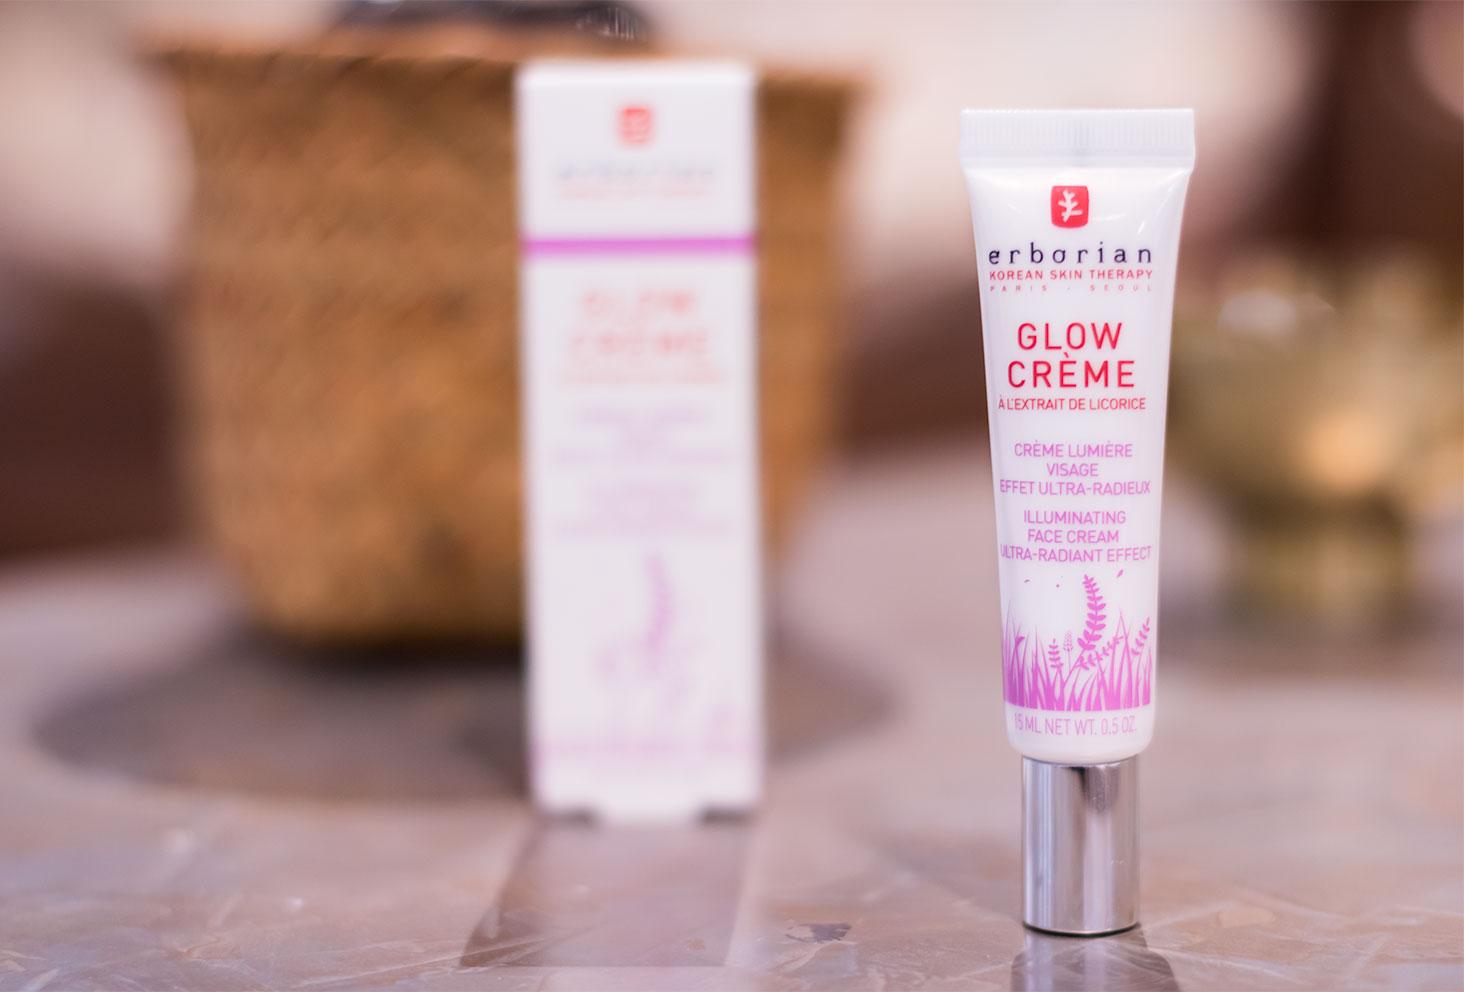 Zoom sur le packaging de la Glow crème par Erborian posé sur une table